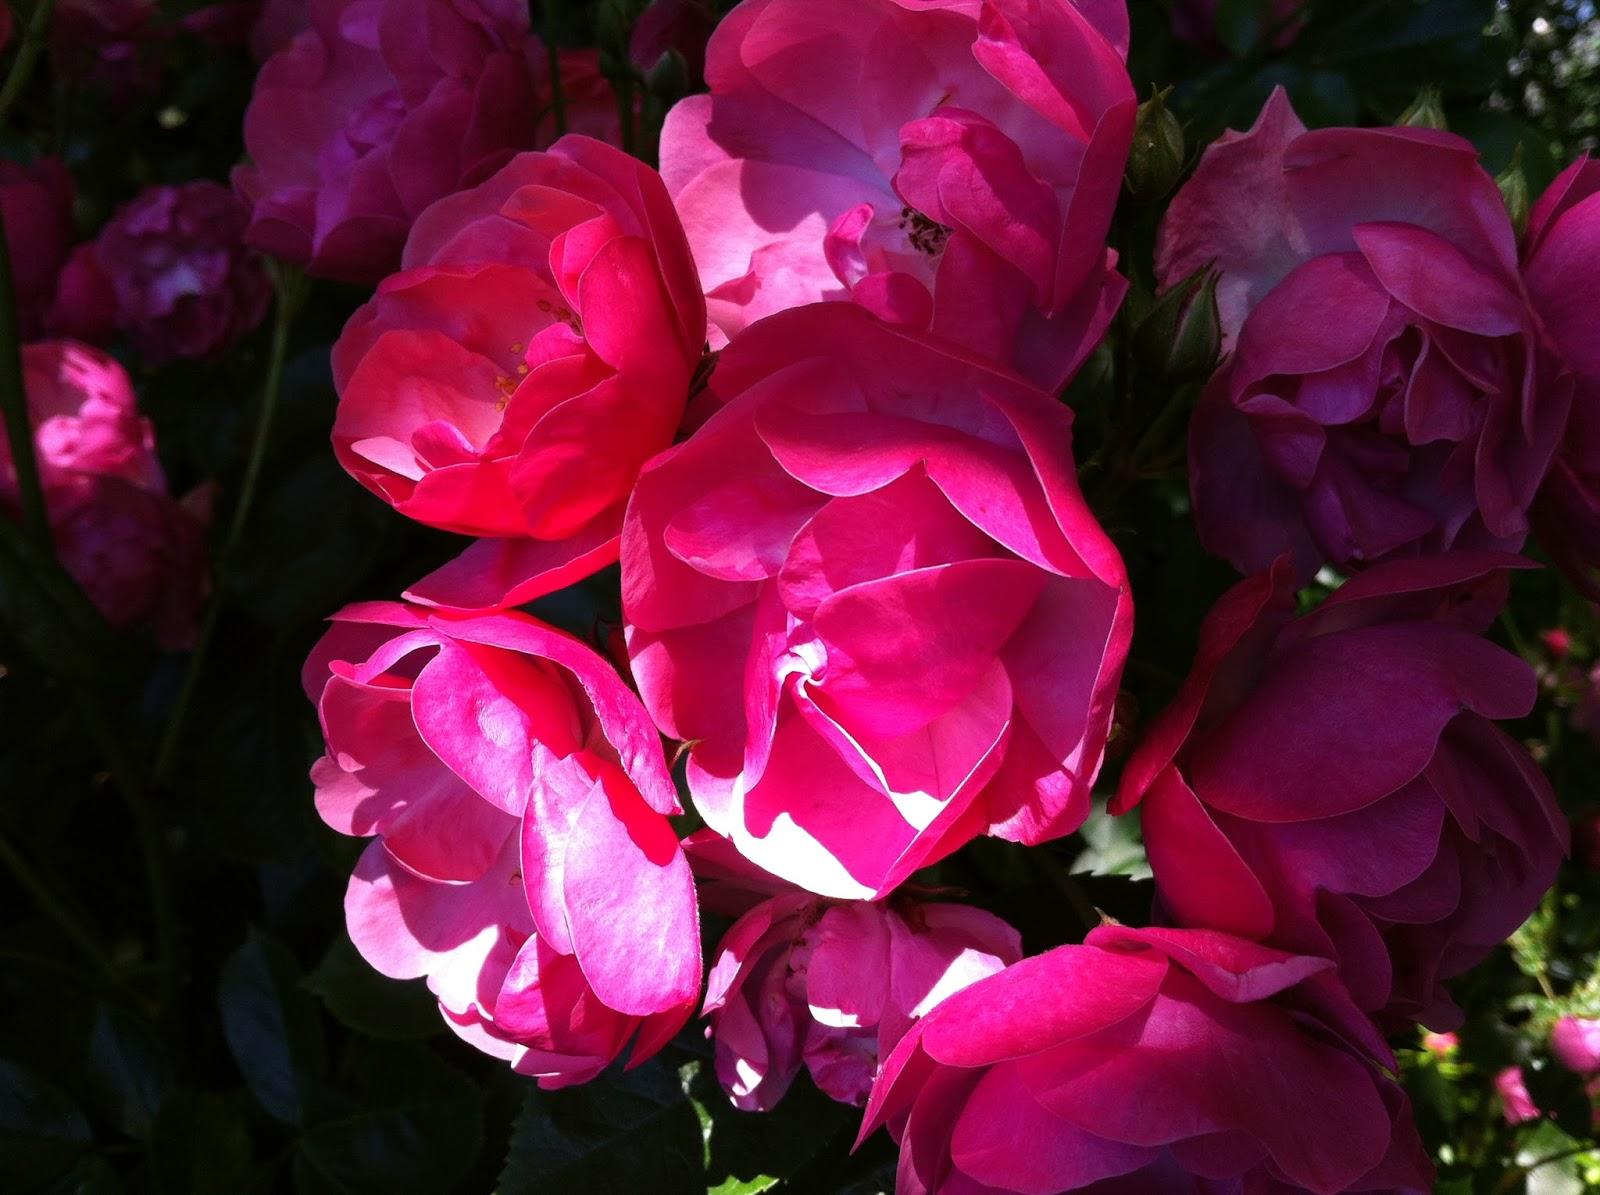 Nicht Nur Bei Garten Produkten Wie Werkzeugen Oder Zubehör, Sondern Auch  Bei Den Pflanzen Selbst. Versandgärtnereien Mit Ihren Pflanzenkatalogen  Gibt Es ...